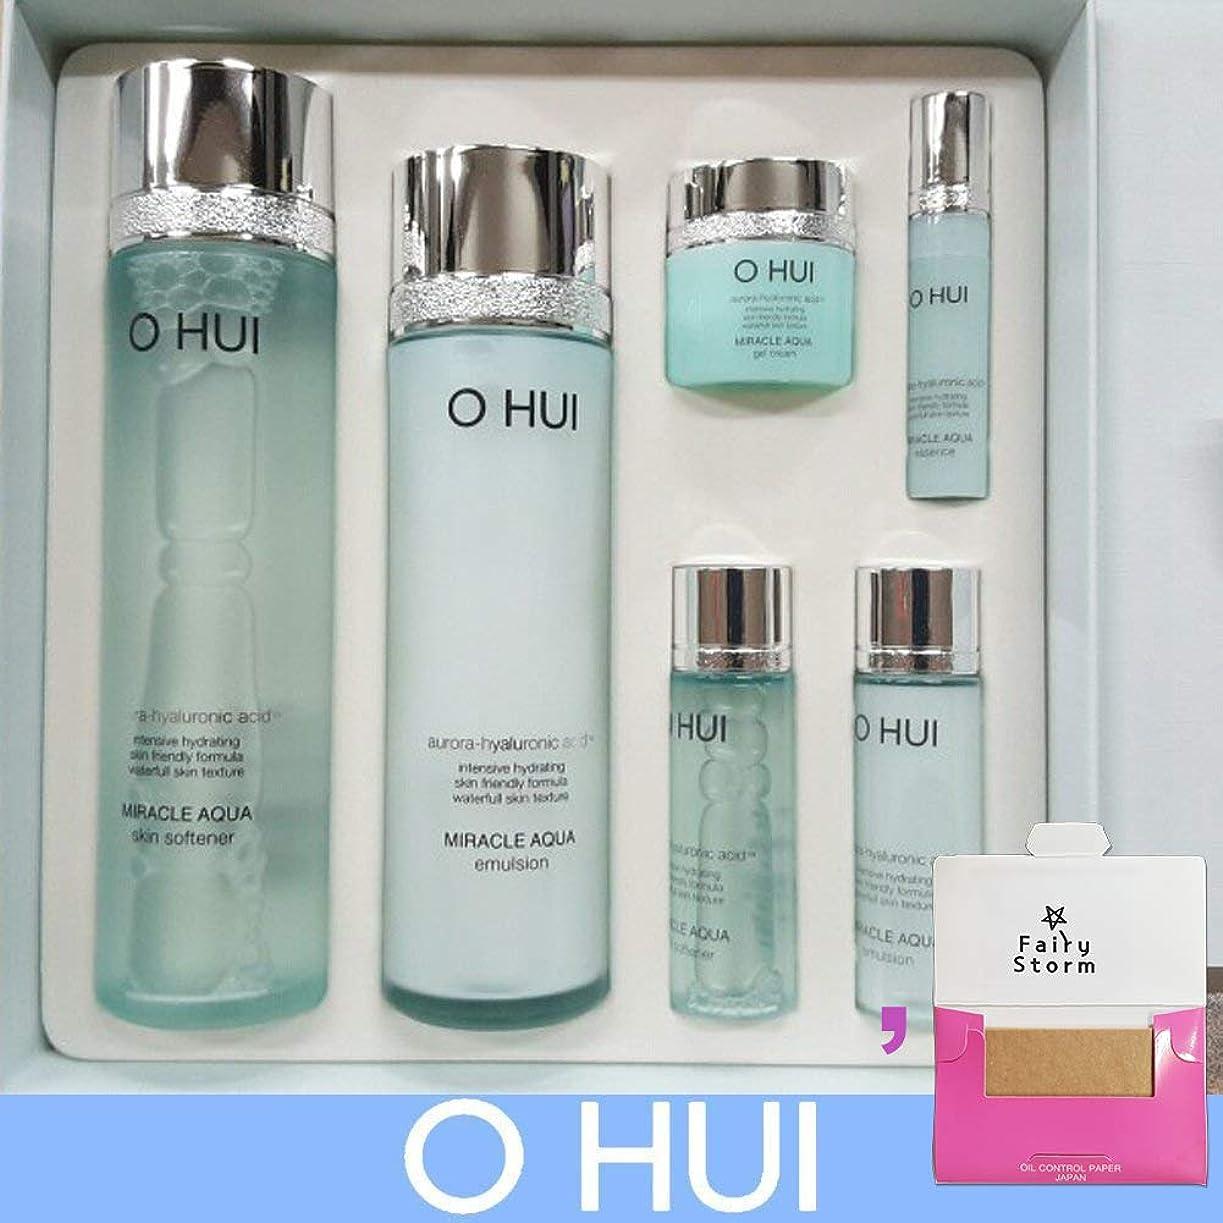 しっとり太陽差[オフィ/O HUI]韓国化粧品LG生活健康/O HUI MIRACLE AQUA SPECIAL SET/ミラクルアクア2種セット+[Sample Gift](海外直送品)